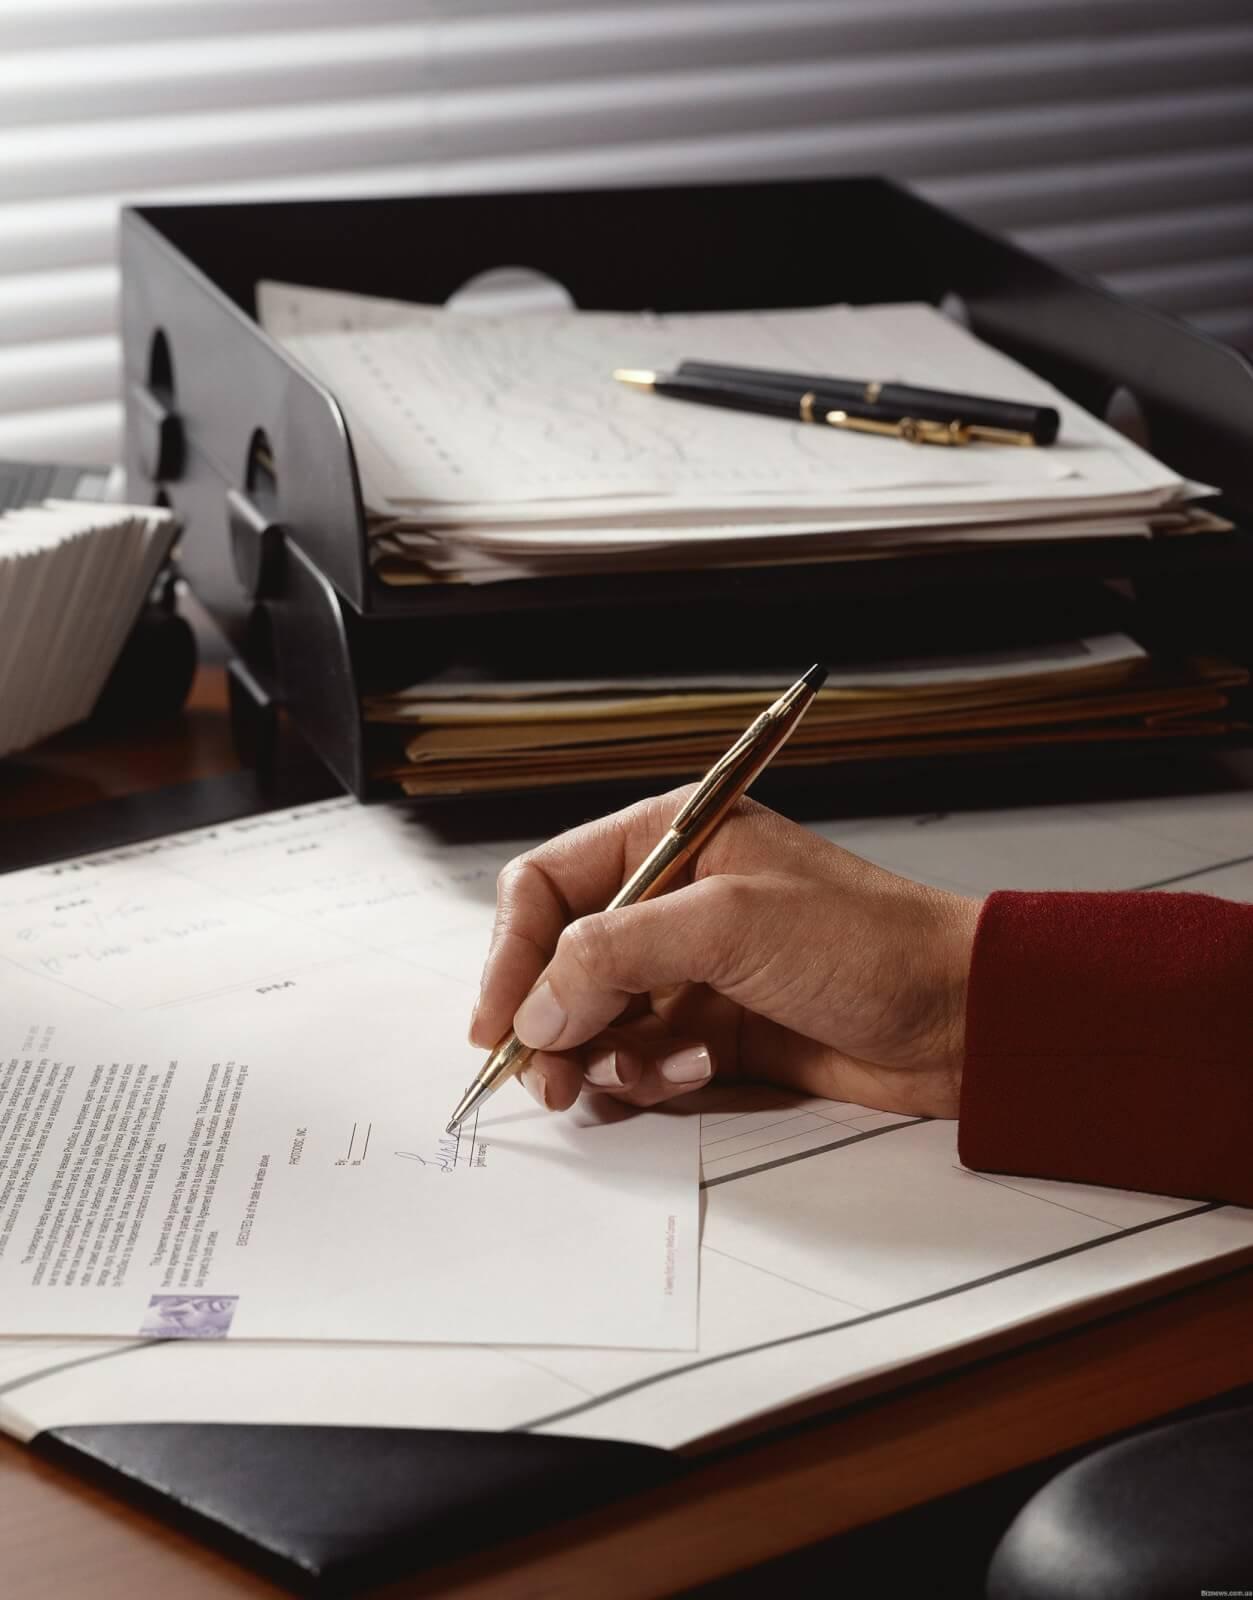 Образец объяснительной записки о неисполнении трудовых обязанностей, ее назначение и виды